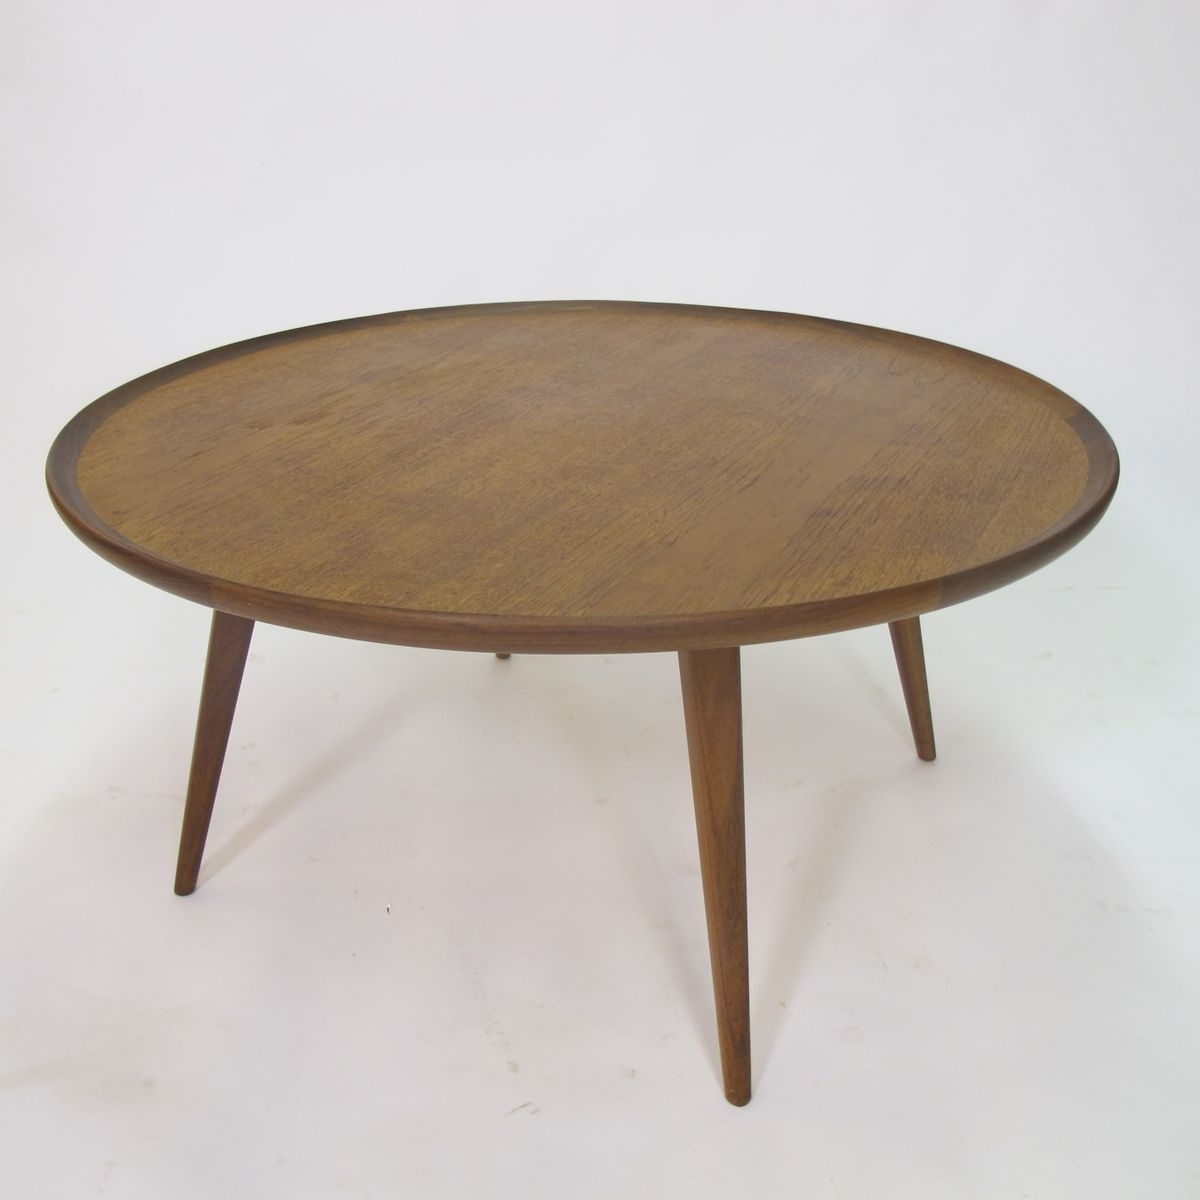 Favorite Round Teak Coffee Tables Pertaining To Mid Century Round Teak Coffee Table, 1950S For Sale At Pamono (View 5 of 20)